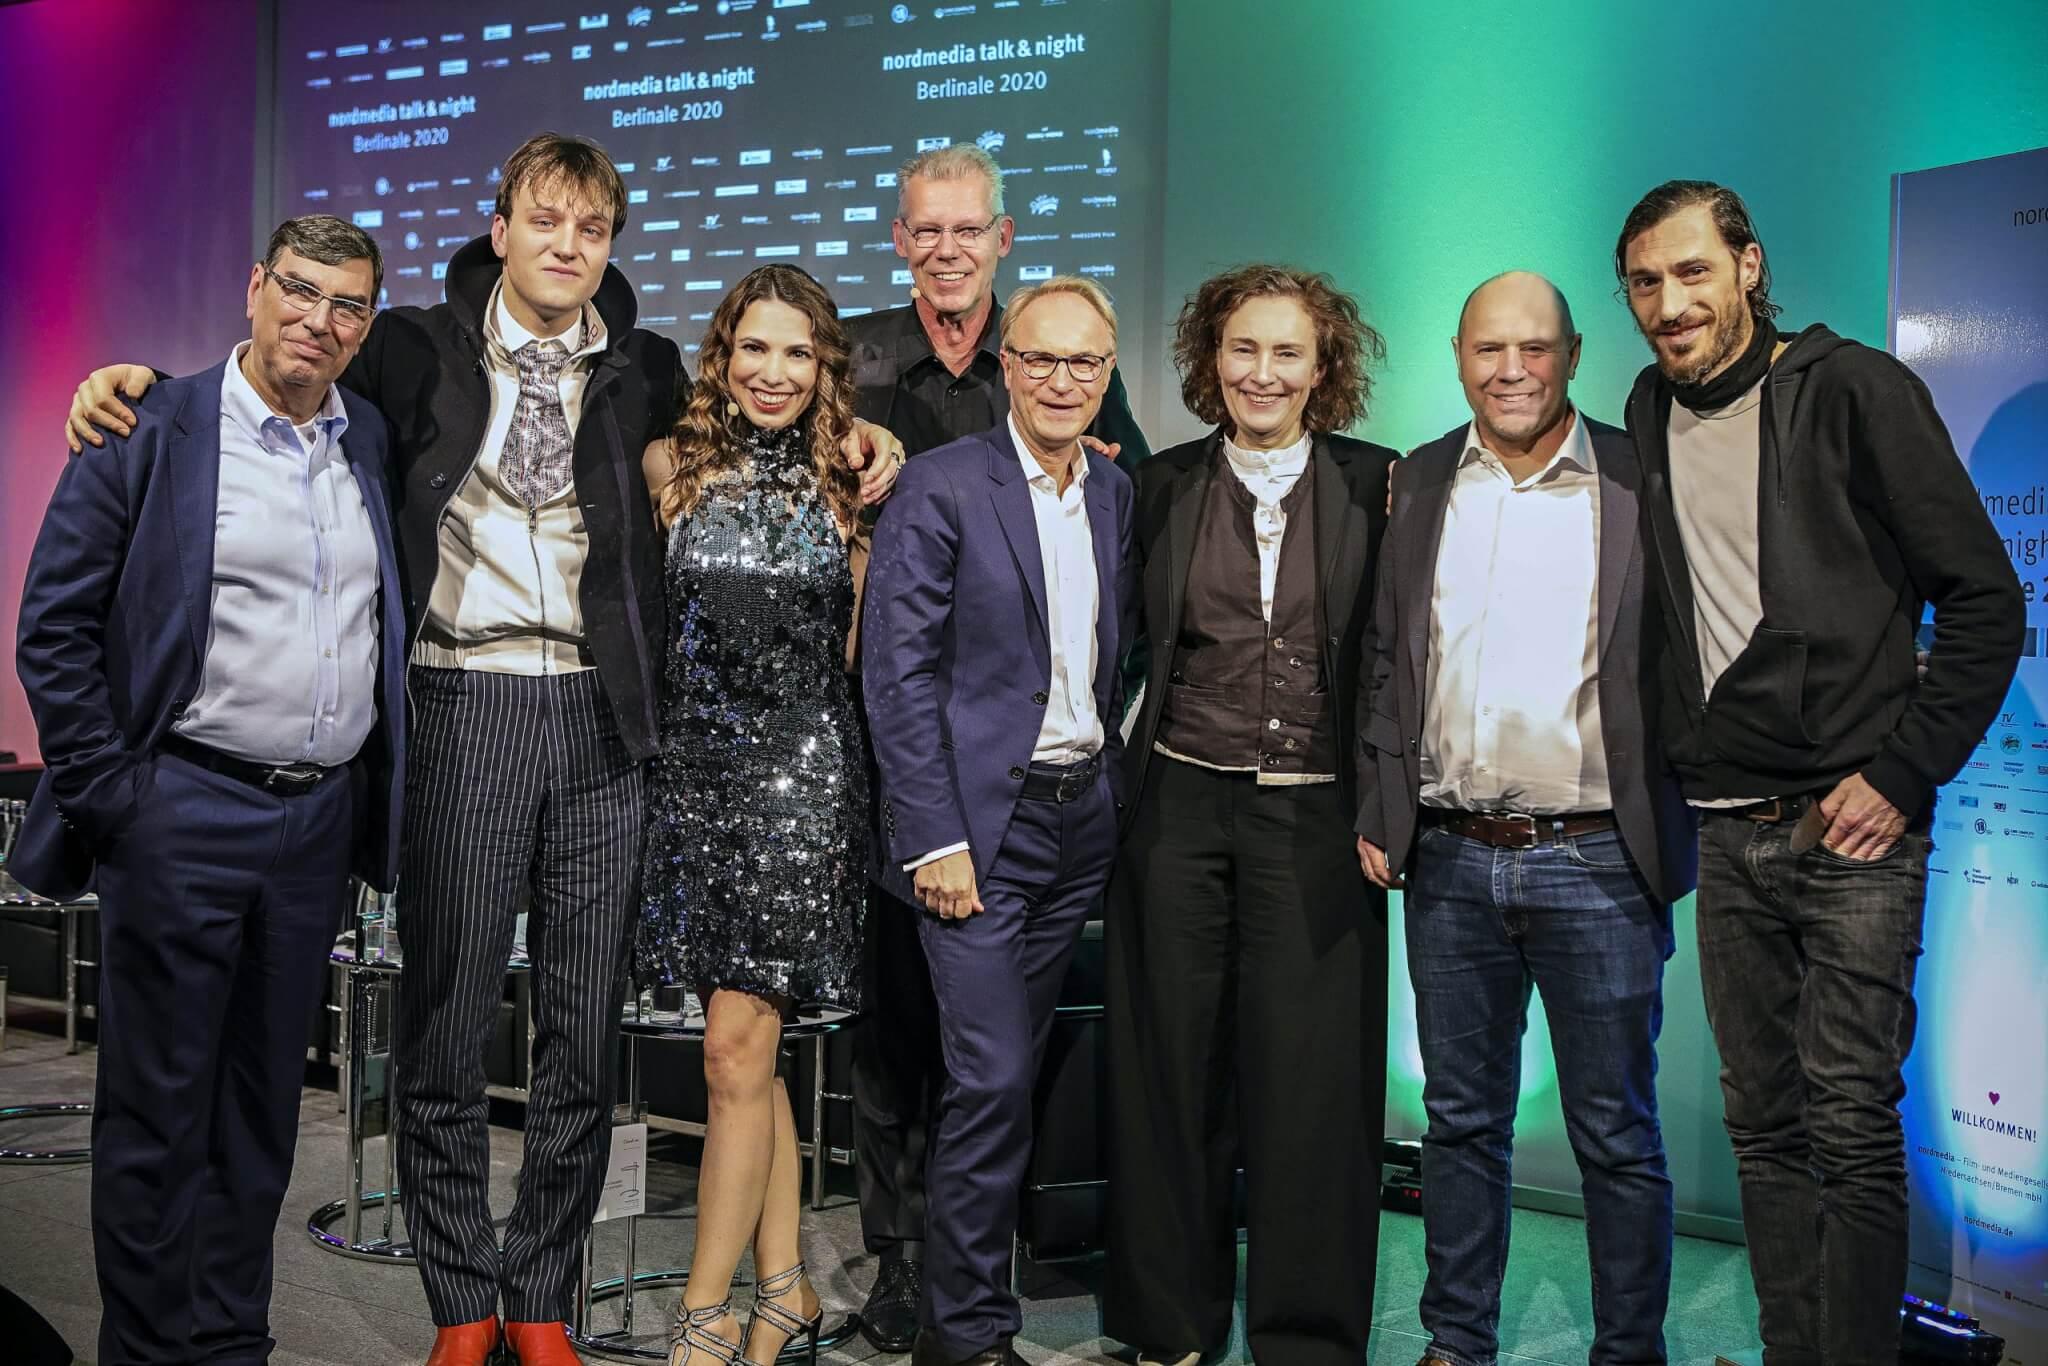 Berlinale-Talk mit dem Team von Lindenberg! Mach dein Ding!